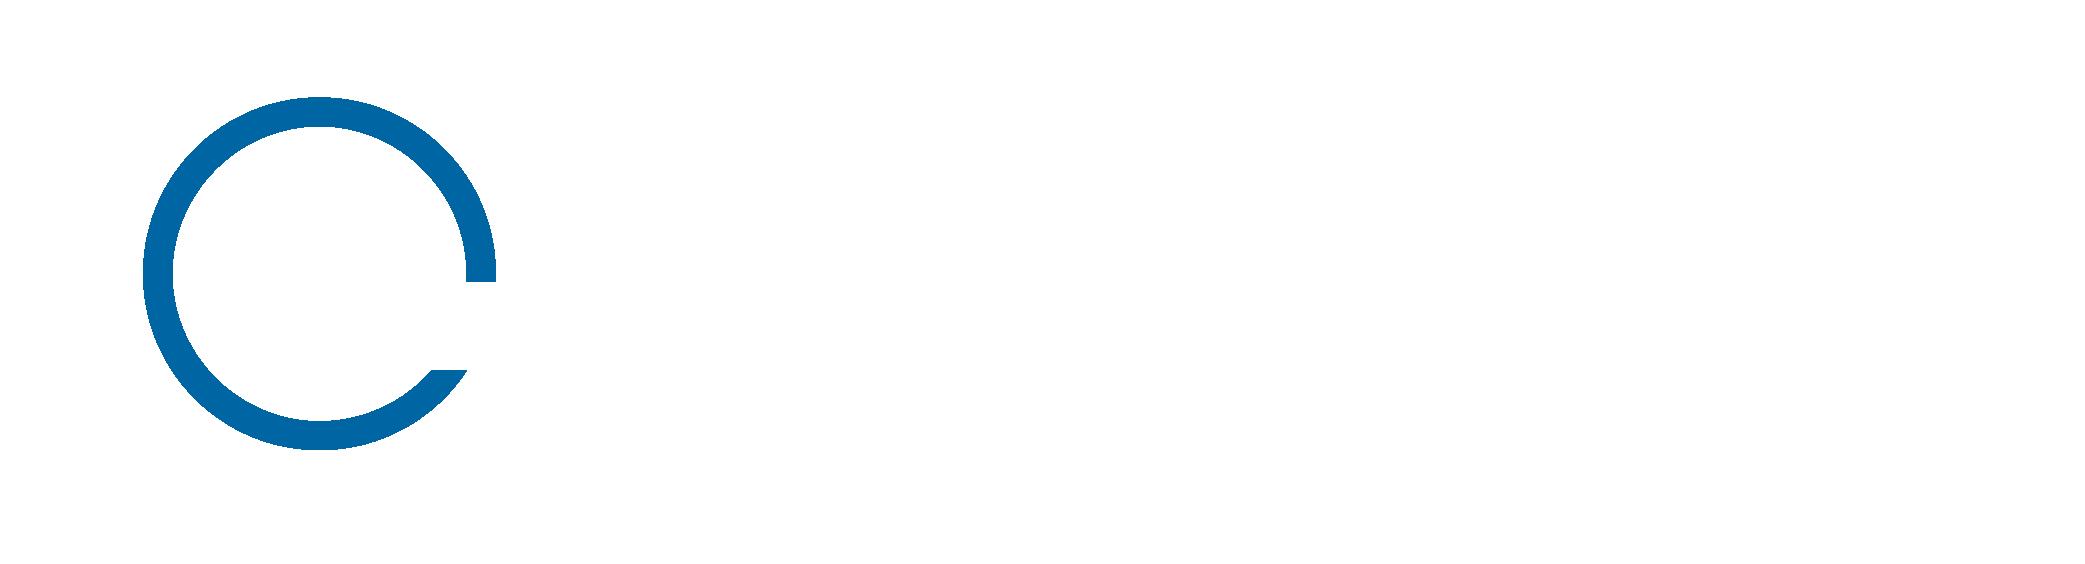 VLVisualLease_RGB_Transparent_UseOnBlackBG